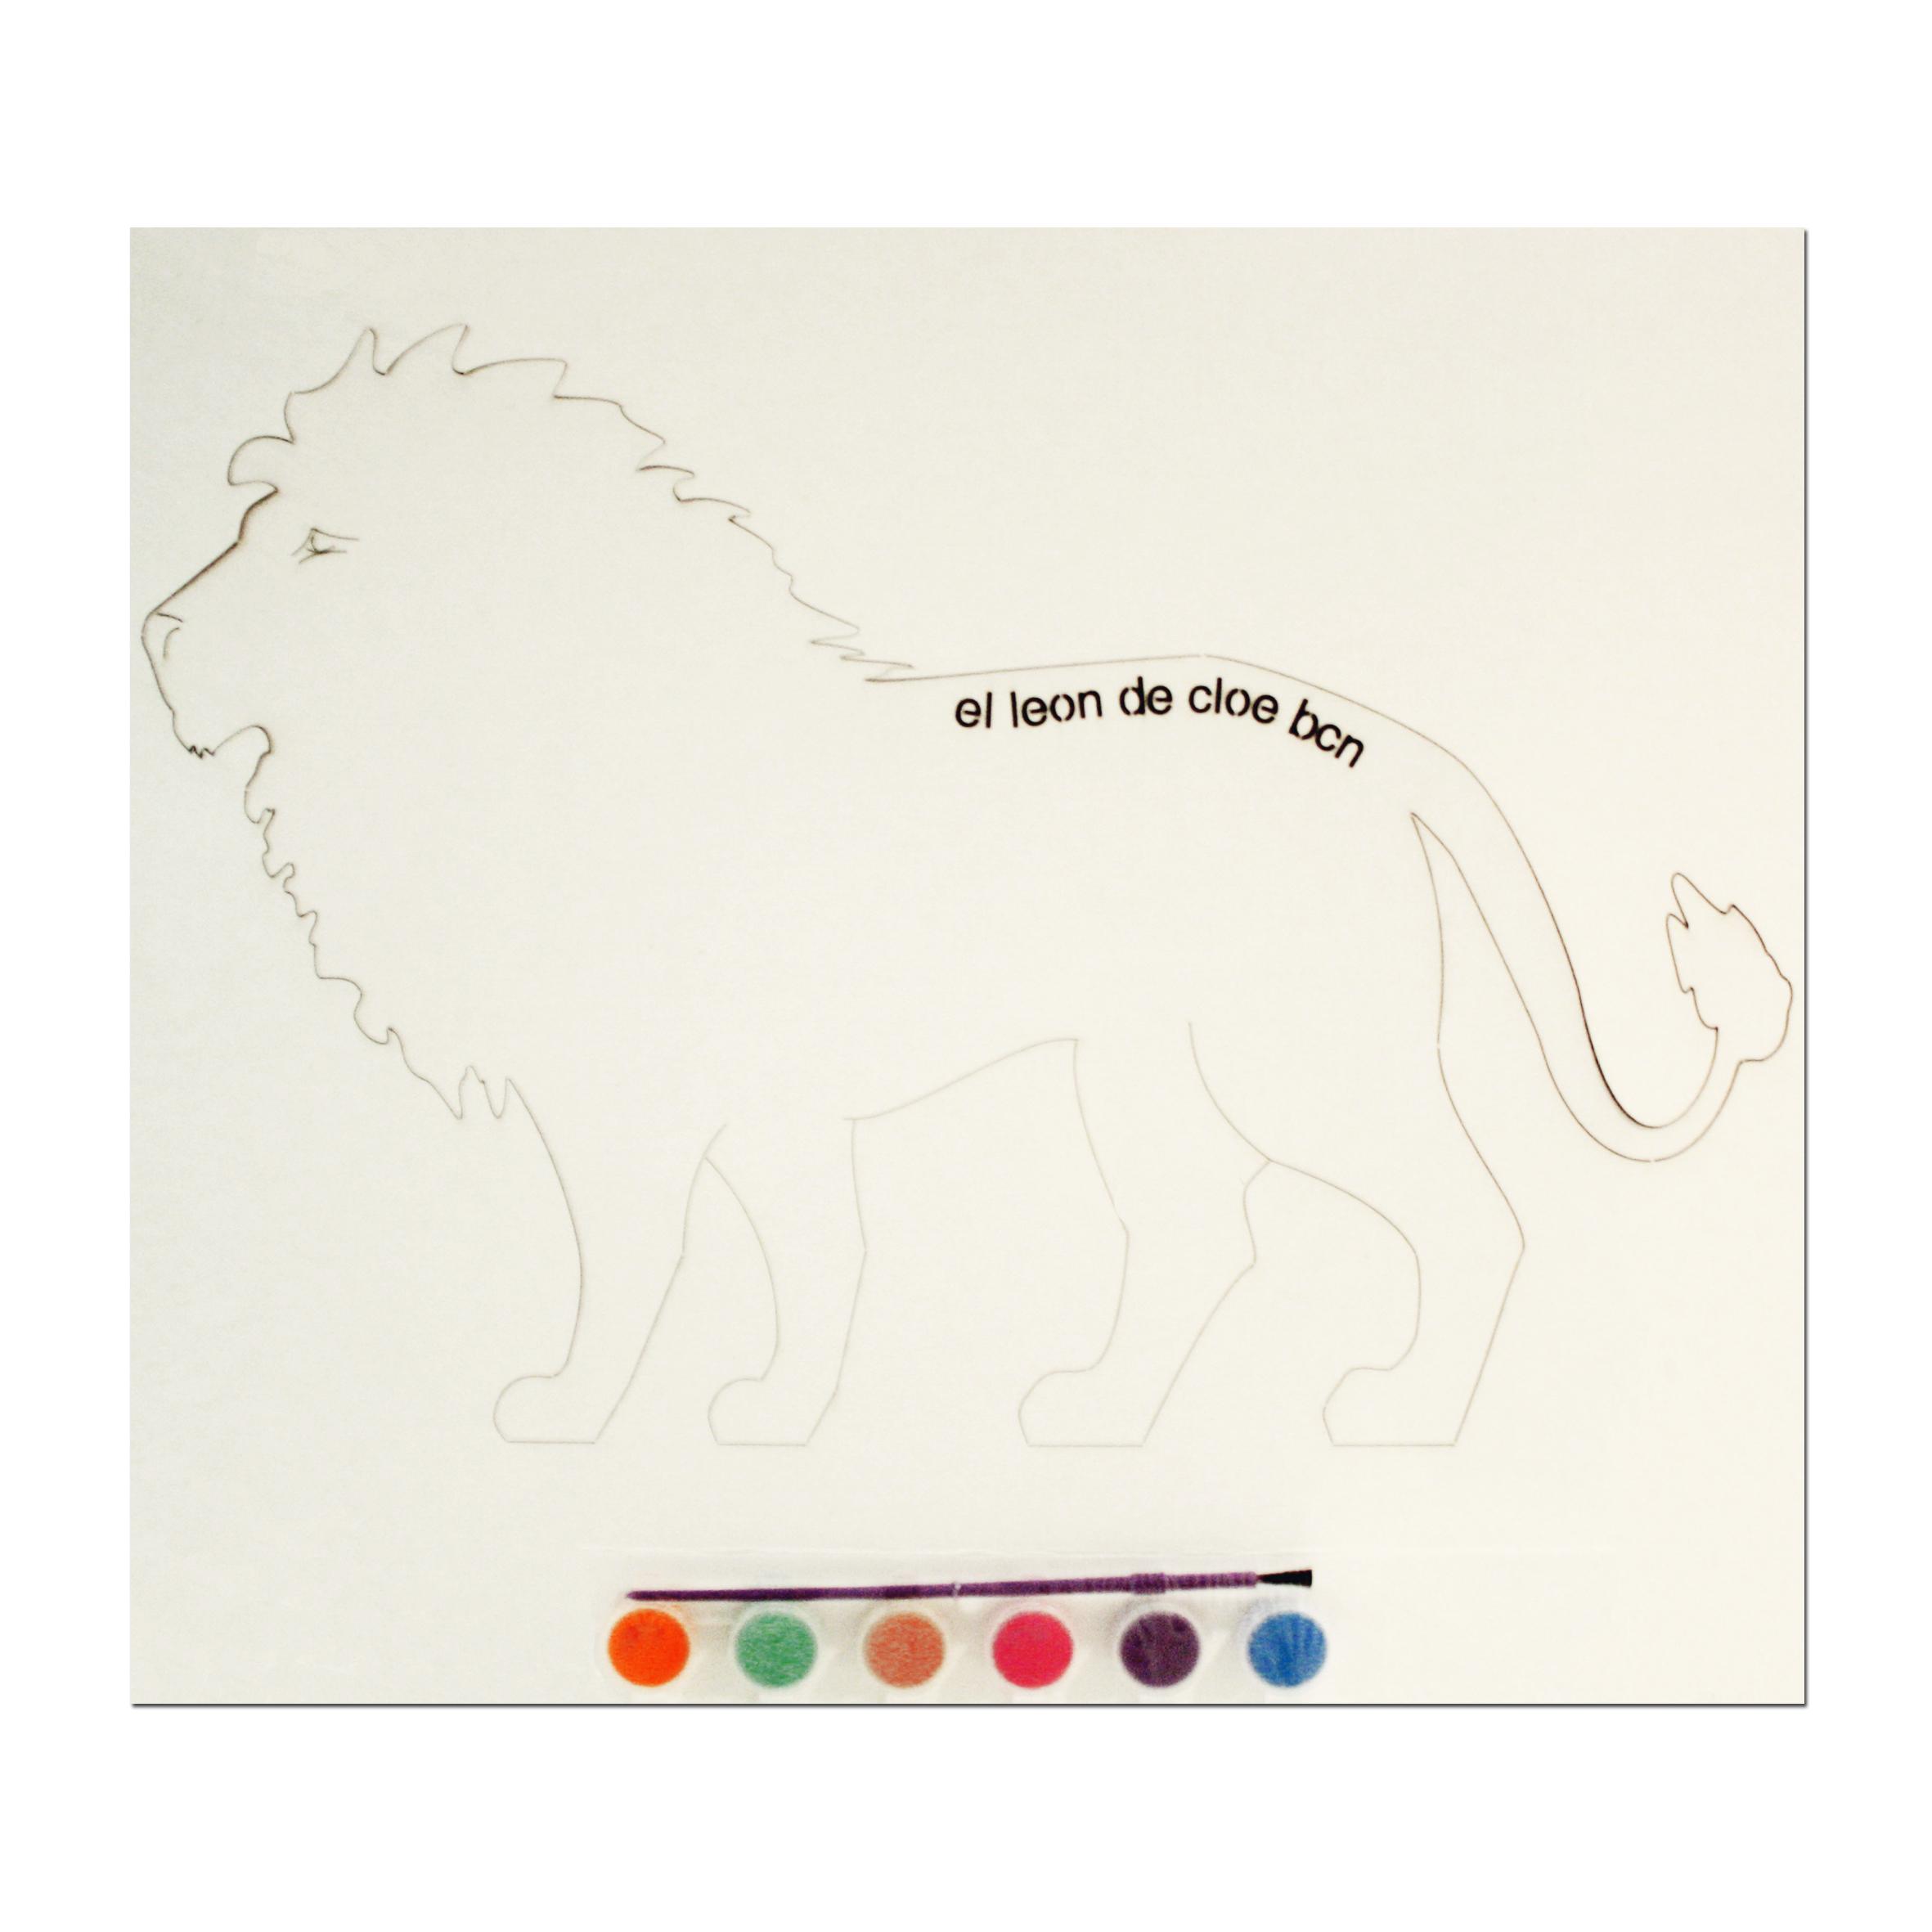 Kit de pintar León del León de Cloe. El regalo perfecto para cualquier niño.